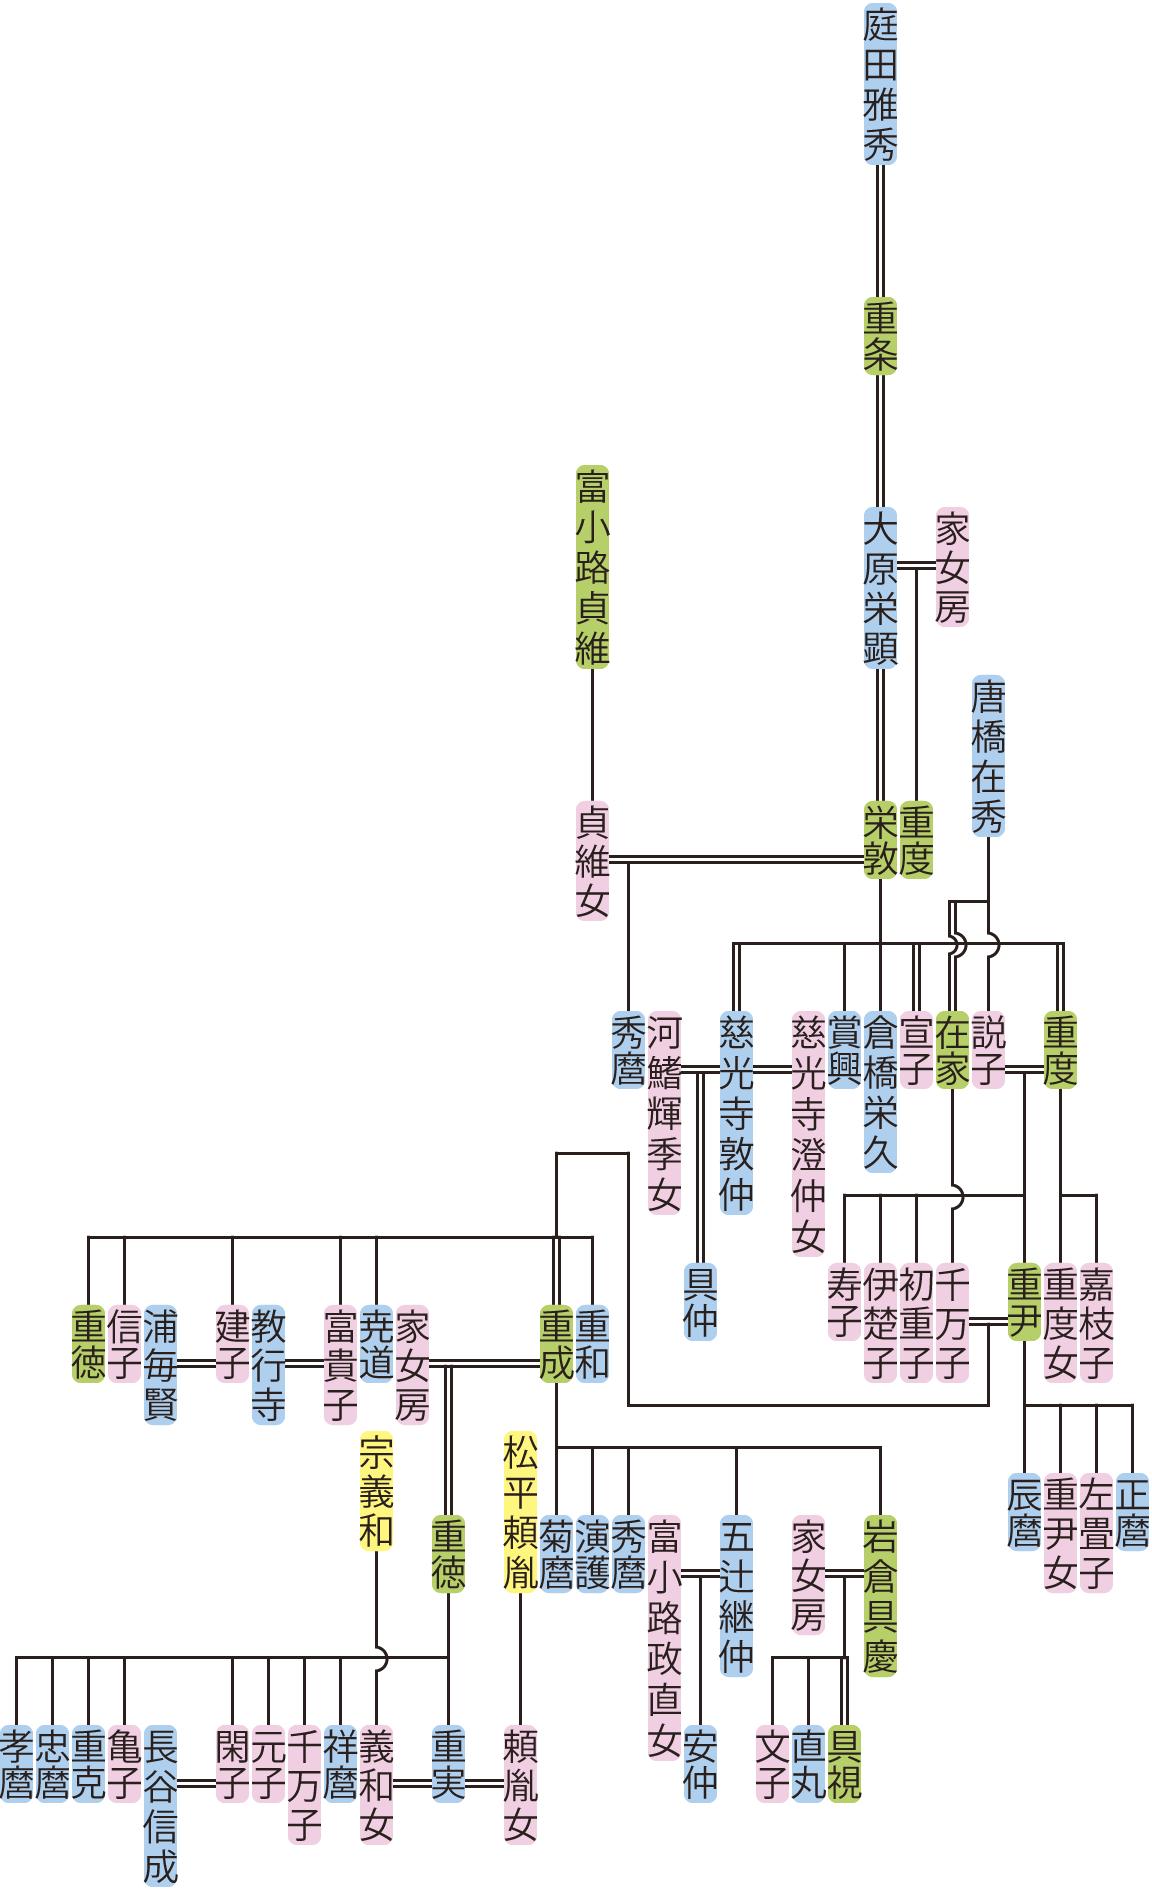 大原栄顕~重実の系図